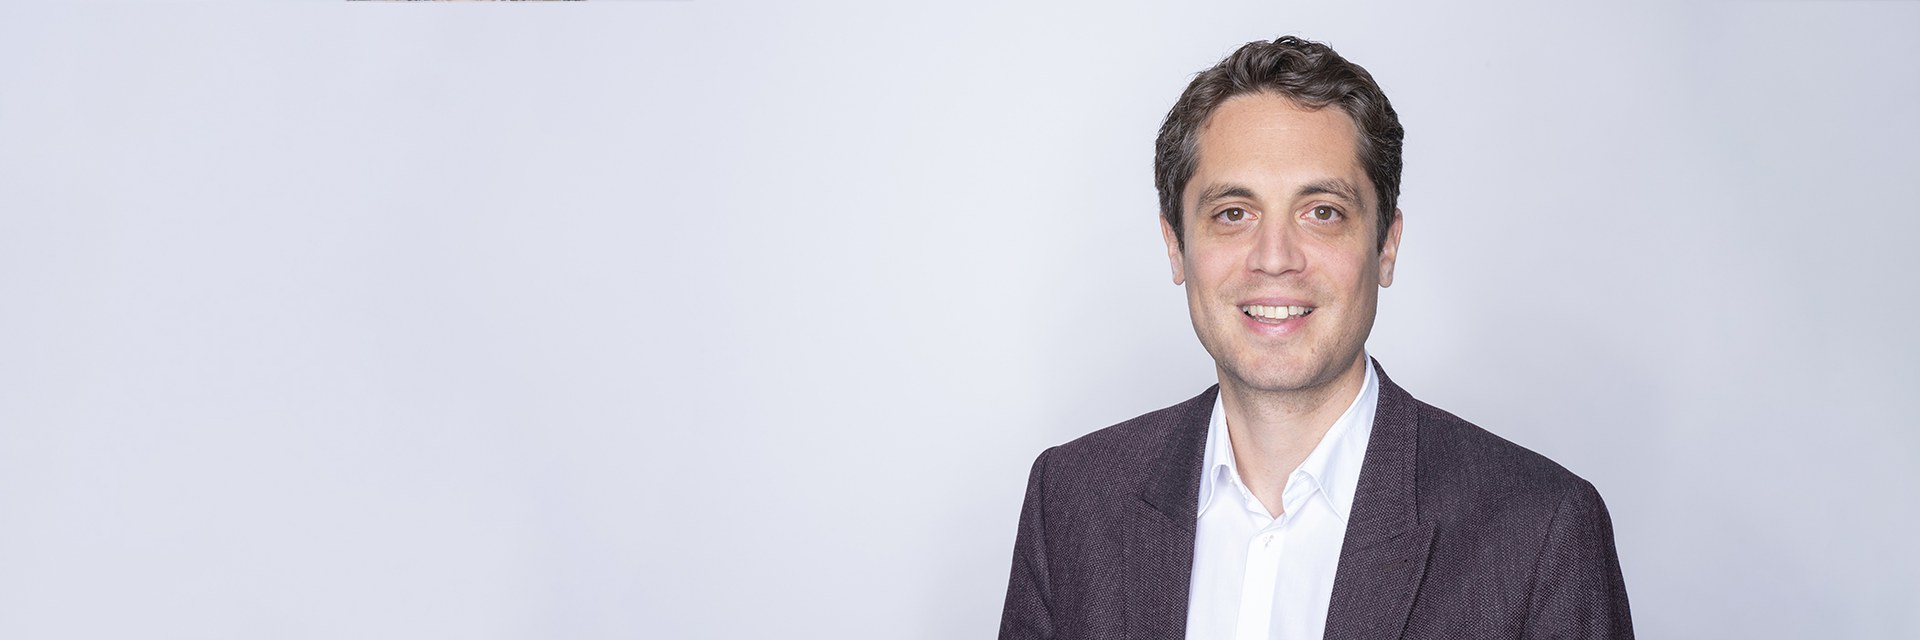 Dr. Caspar Battegay